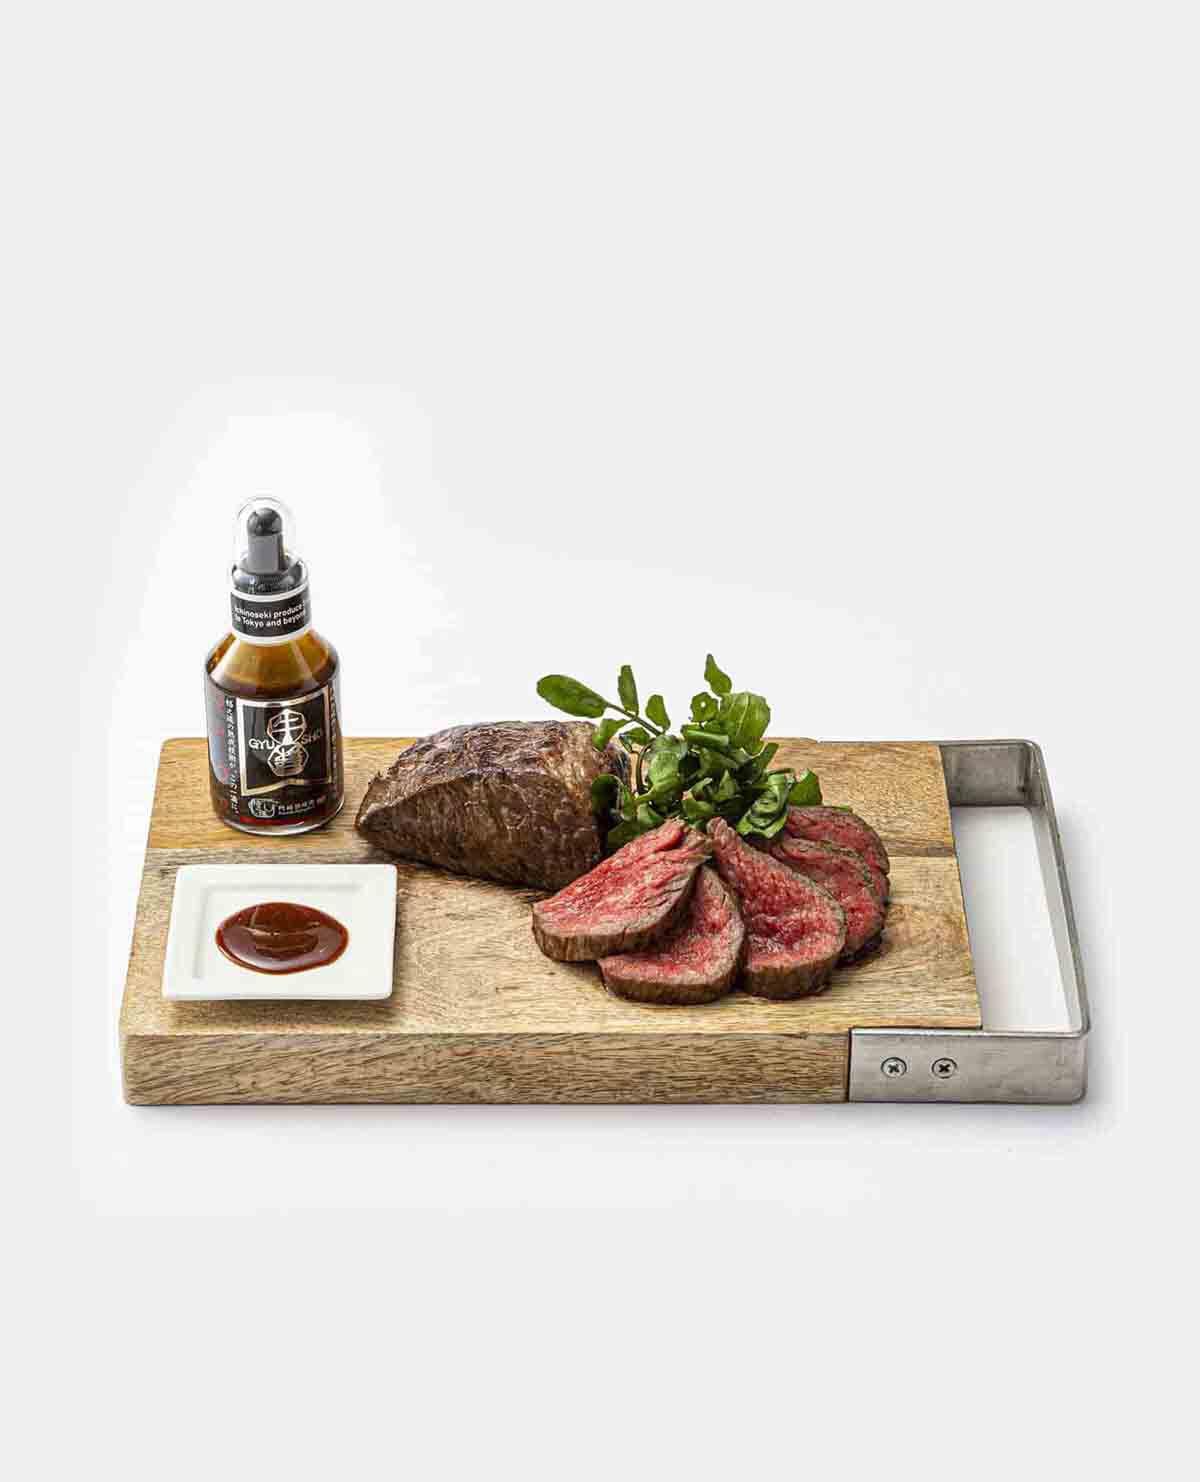 門崎熟成肉 塊焼・塊肉(霜降り120g×2個)&牛醤 ごちそうセット